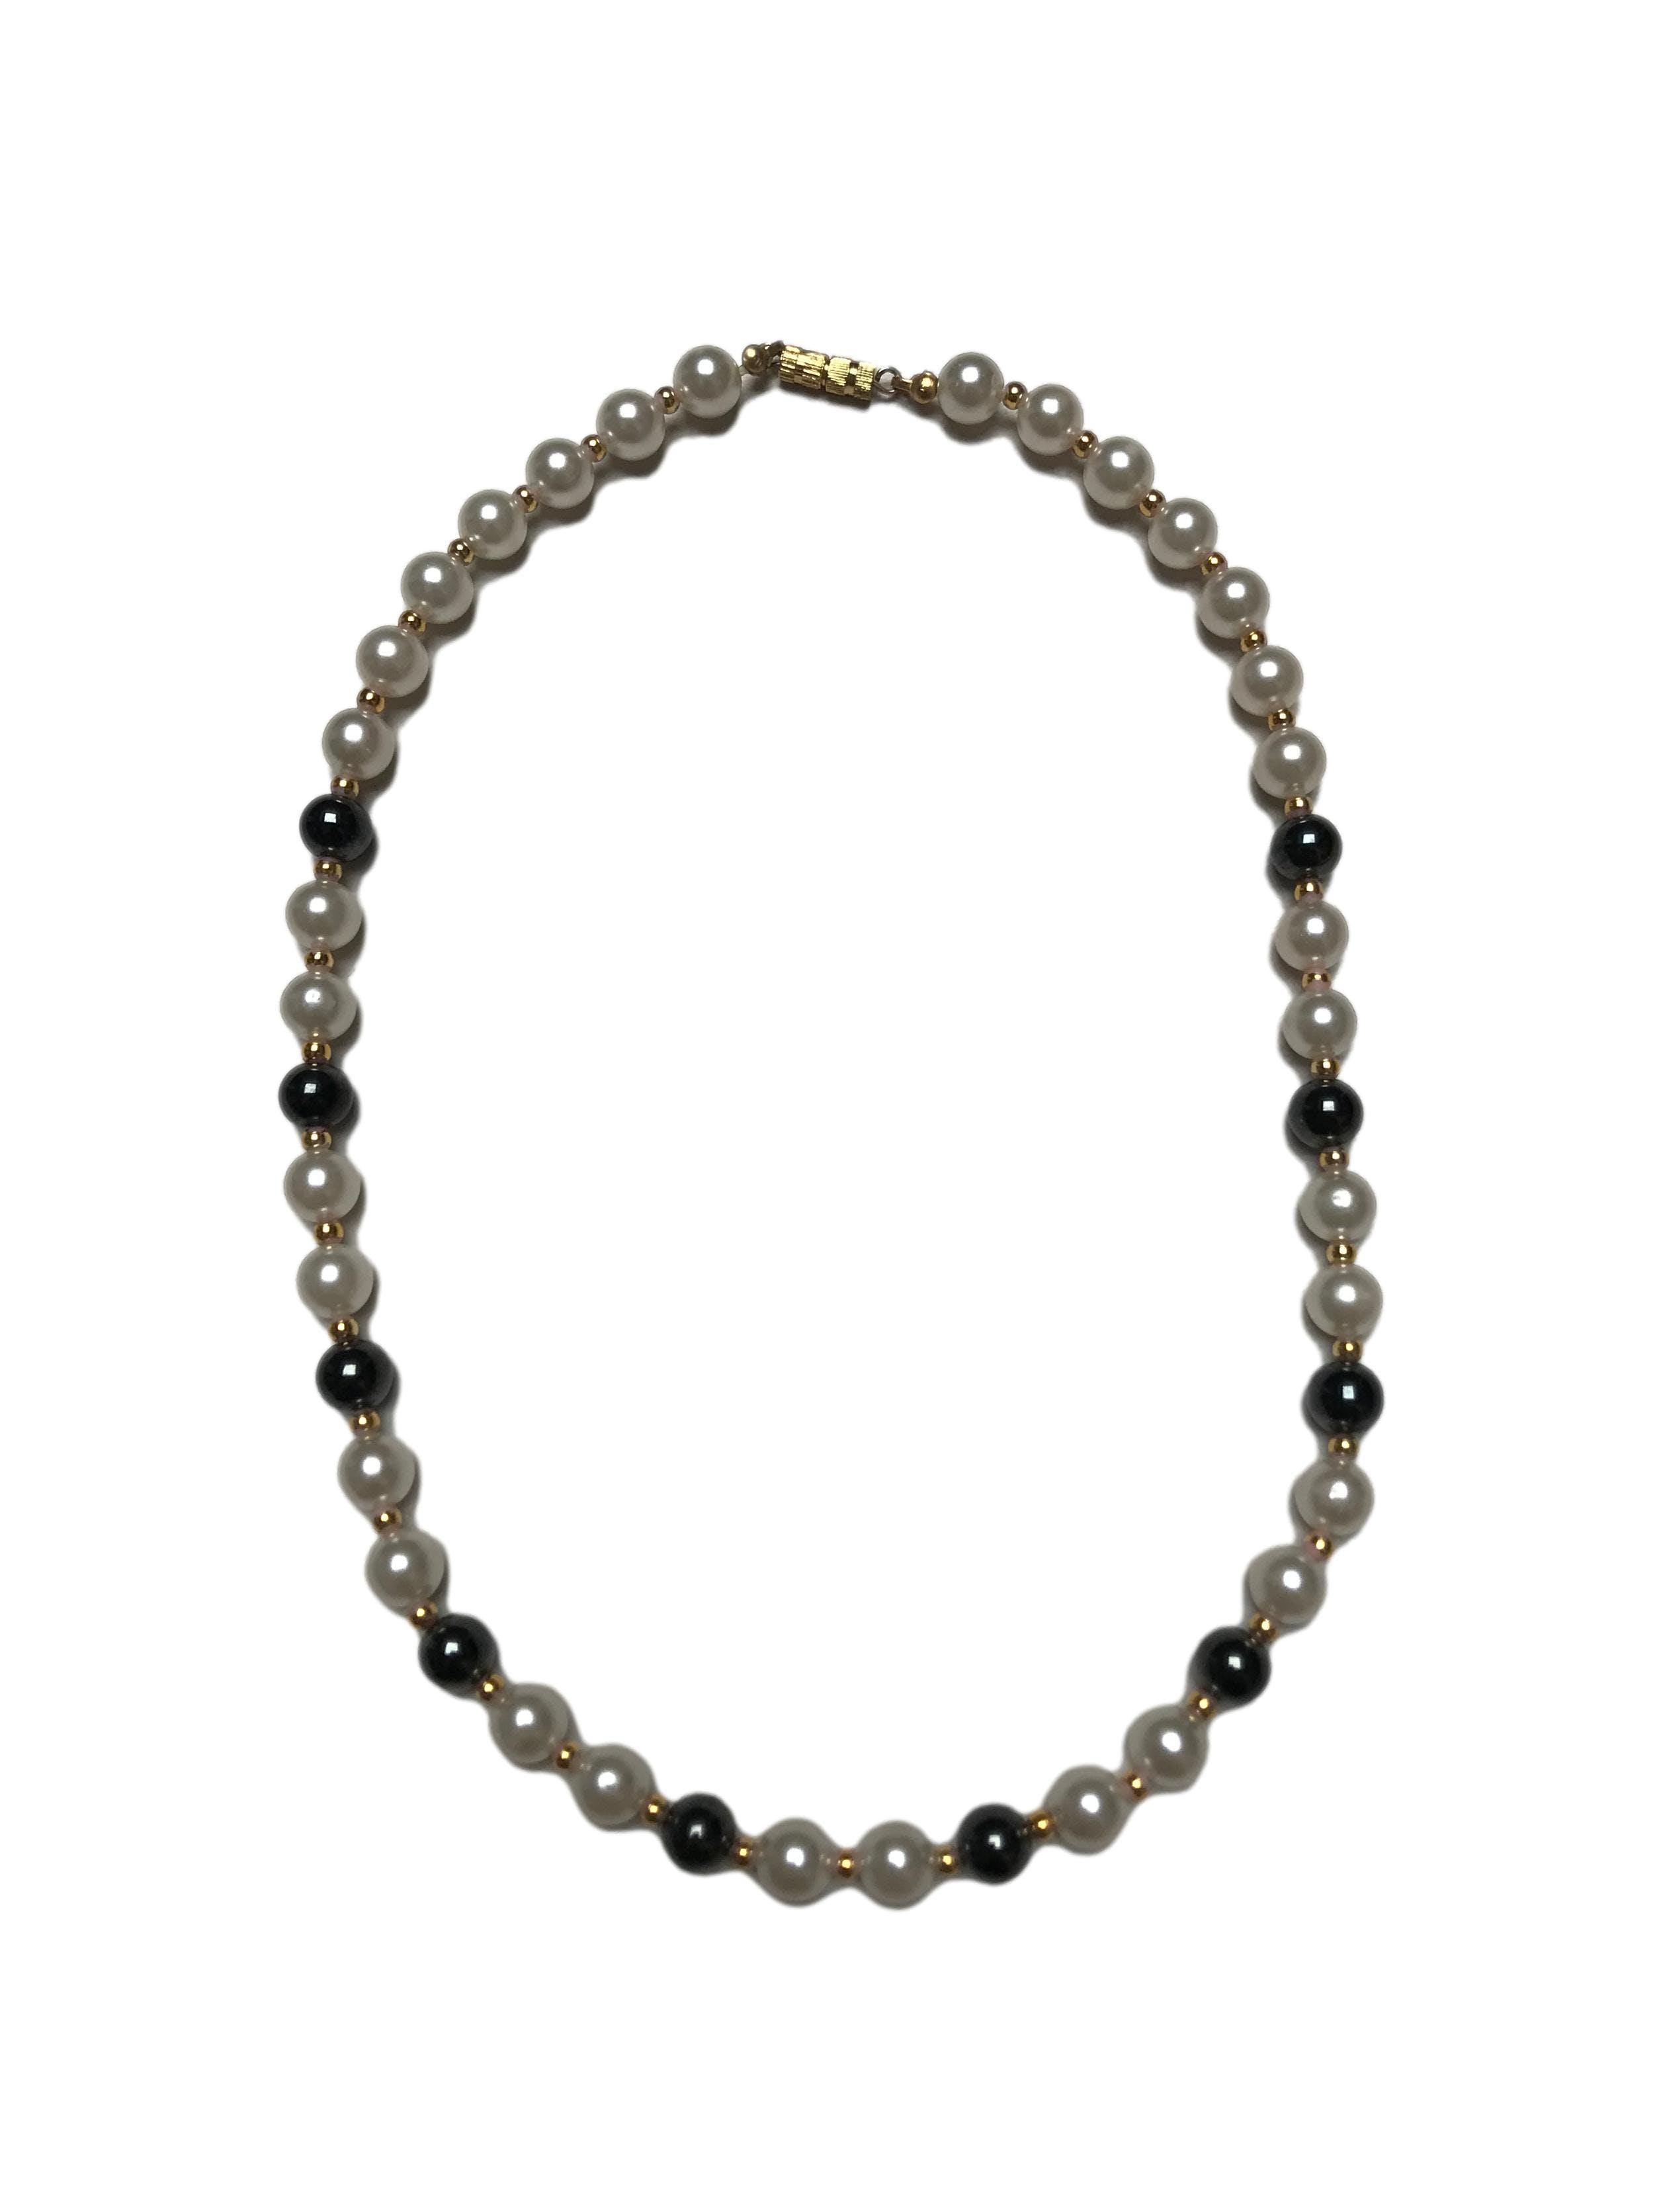 Collar de perlas y mostacillas doradas. Largo 50cm